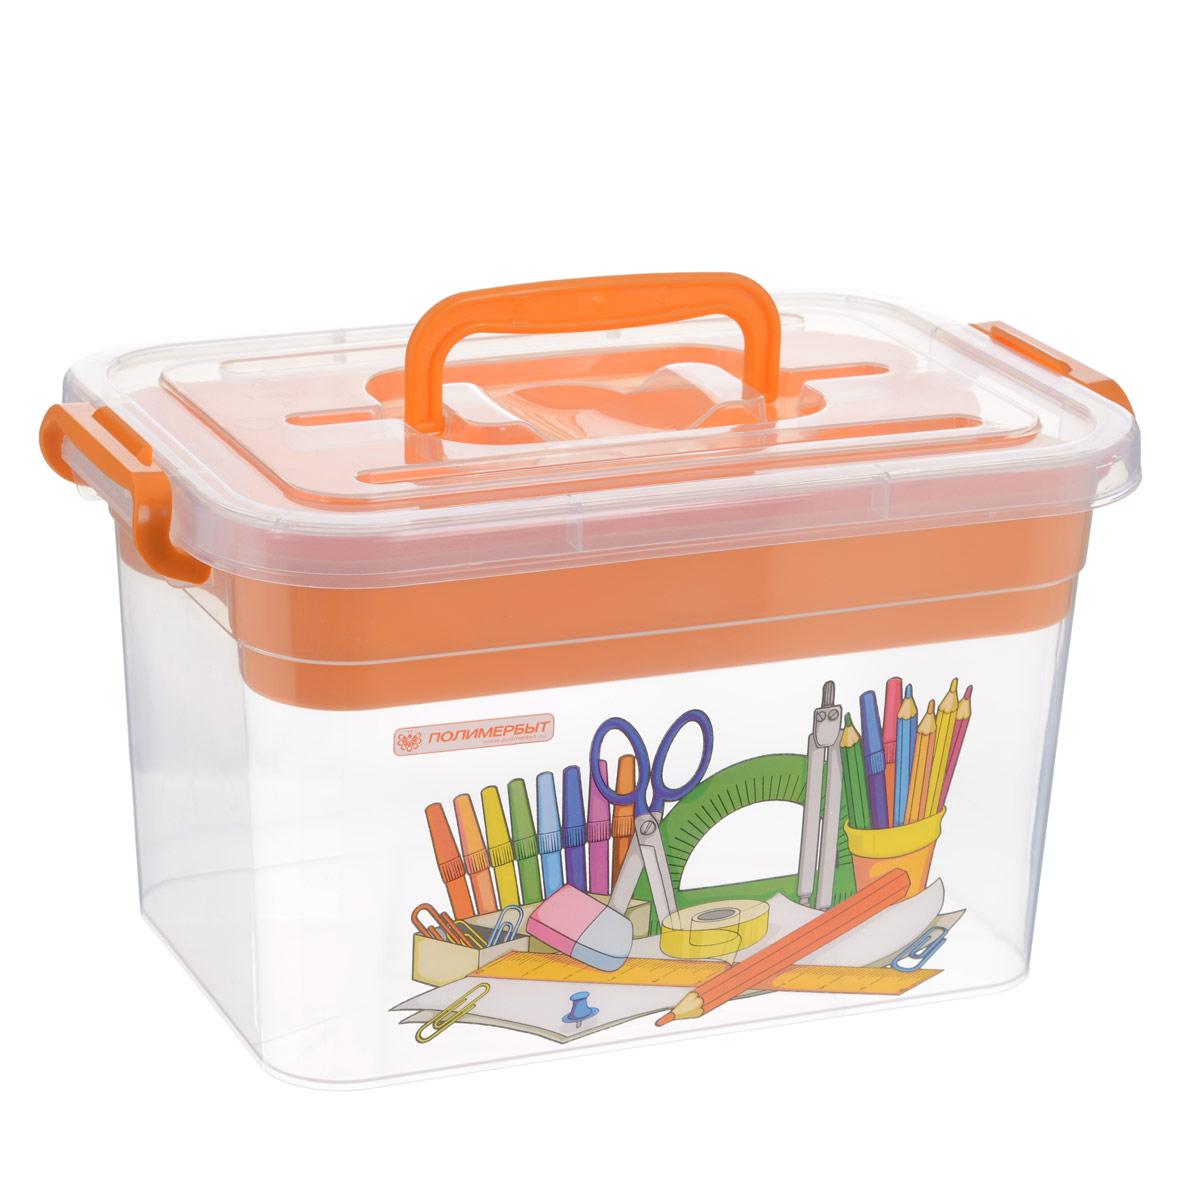 Контейнер Полимербыт Важные мелочи, с вкладышем, цвет: оранжевый, 6,5 лС80902Контейнер Полимербыт Важные мелочи выполнен из прозрачного пластика. Для удобства переноски сверху имеется ручка. Внутрь вставляется цветной вкладыш с тремя отделениями. Контейнер плотно закрывается крышкой с защелками. Контейнер для аптечки Полимербыт Важные мелочи очень вместителен и поможет вам хранить все вещи в одном месте. Объем: 6,5 л.